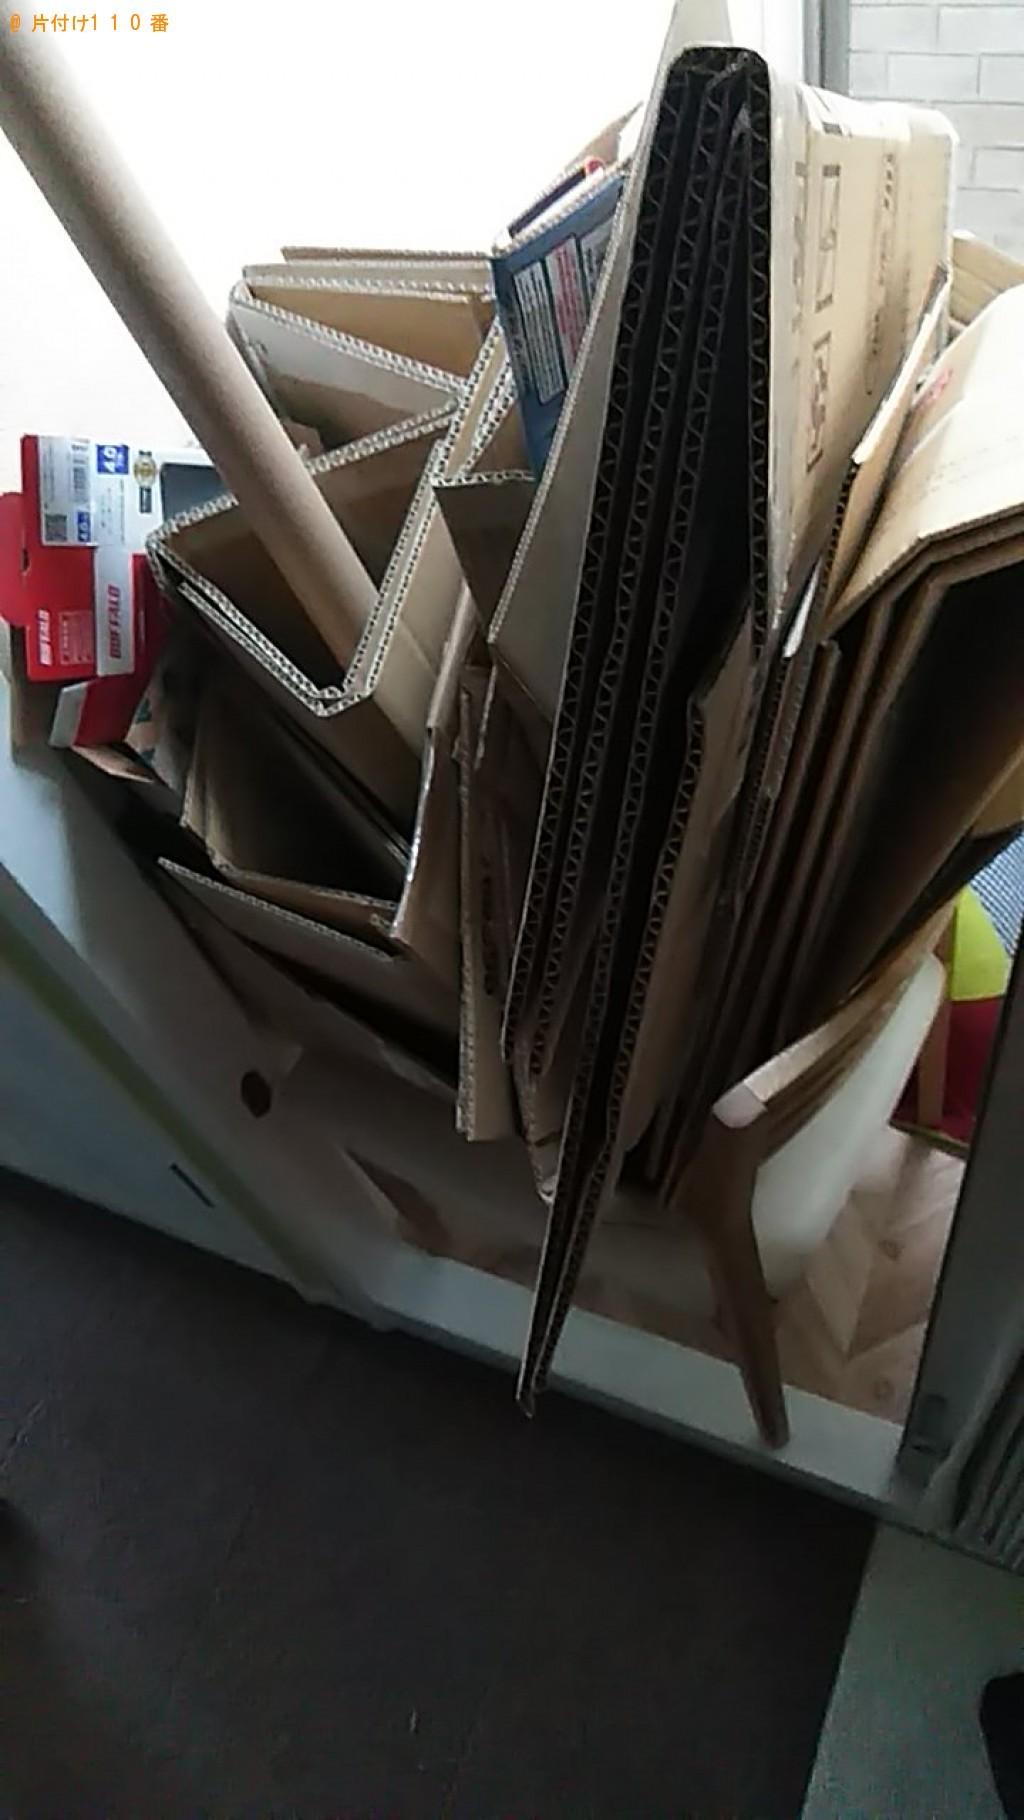 【松山市土居田町】折り畳みテーブル、人工芝マット等の回収・処分